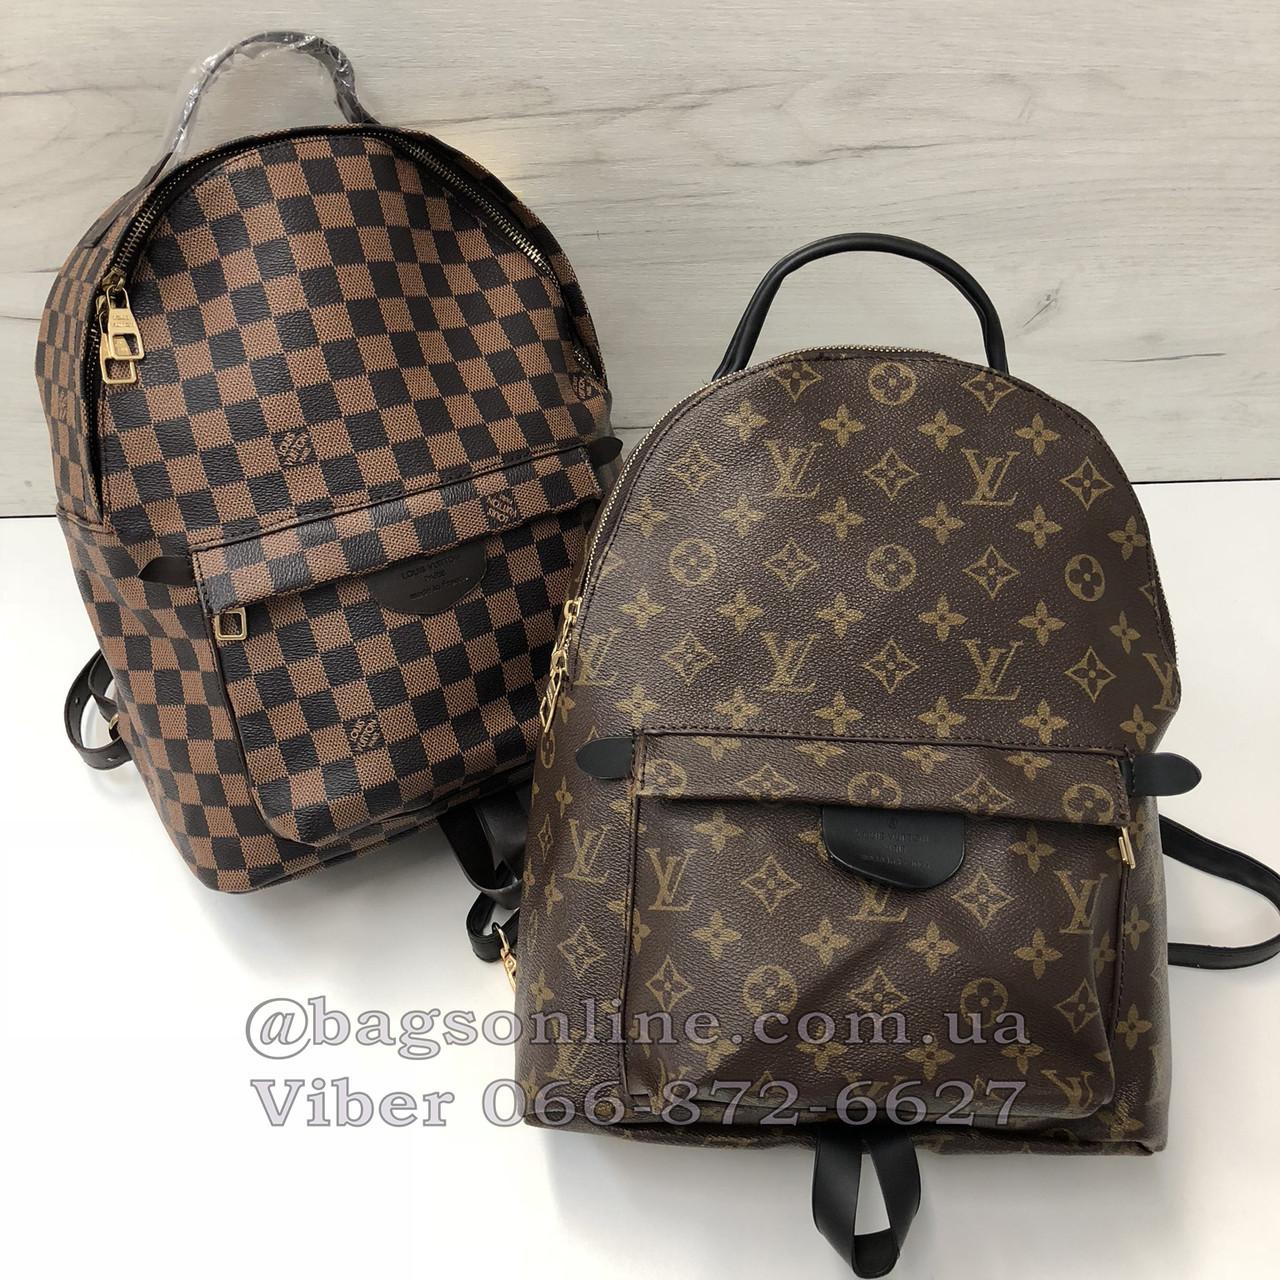 1d68b0061b49 Большой рюкзак Louis Vuitton | портфель луи виттон | lv лв квадрат  Коричневый - BagsOnline -